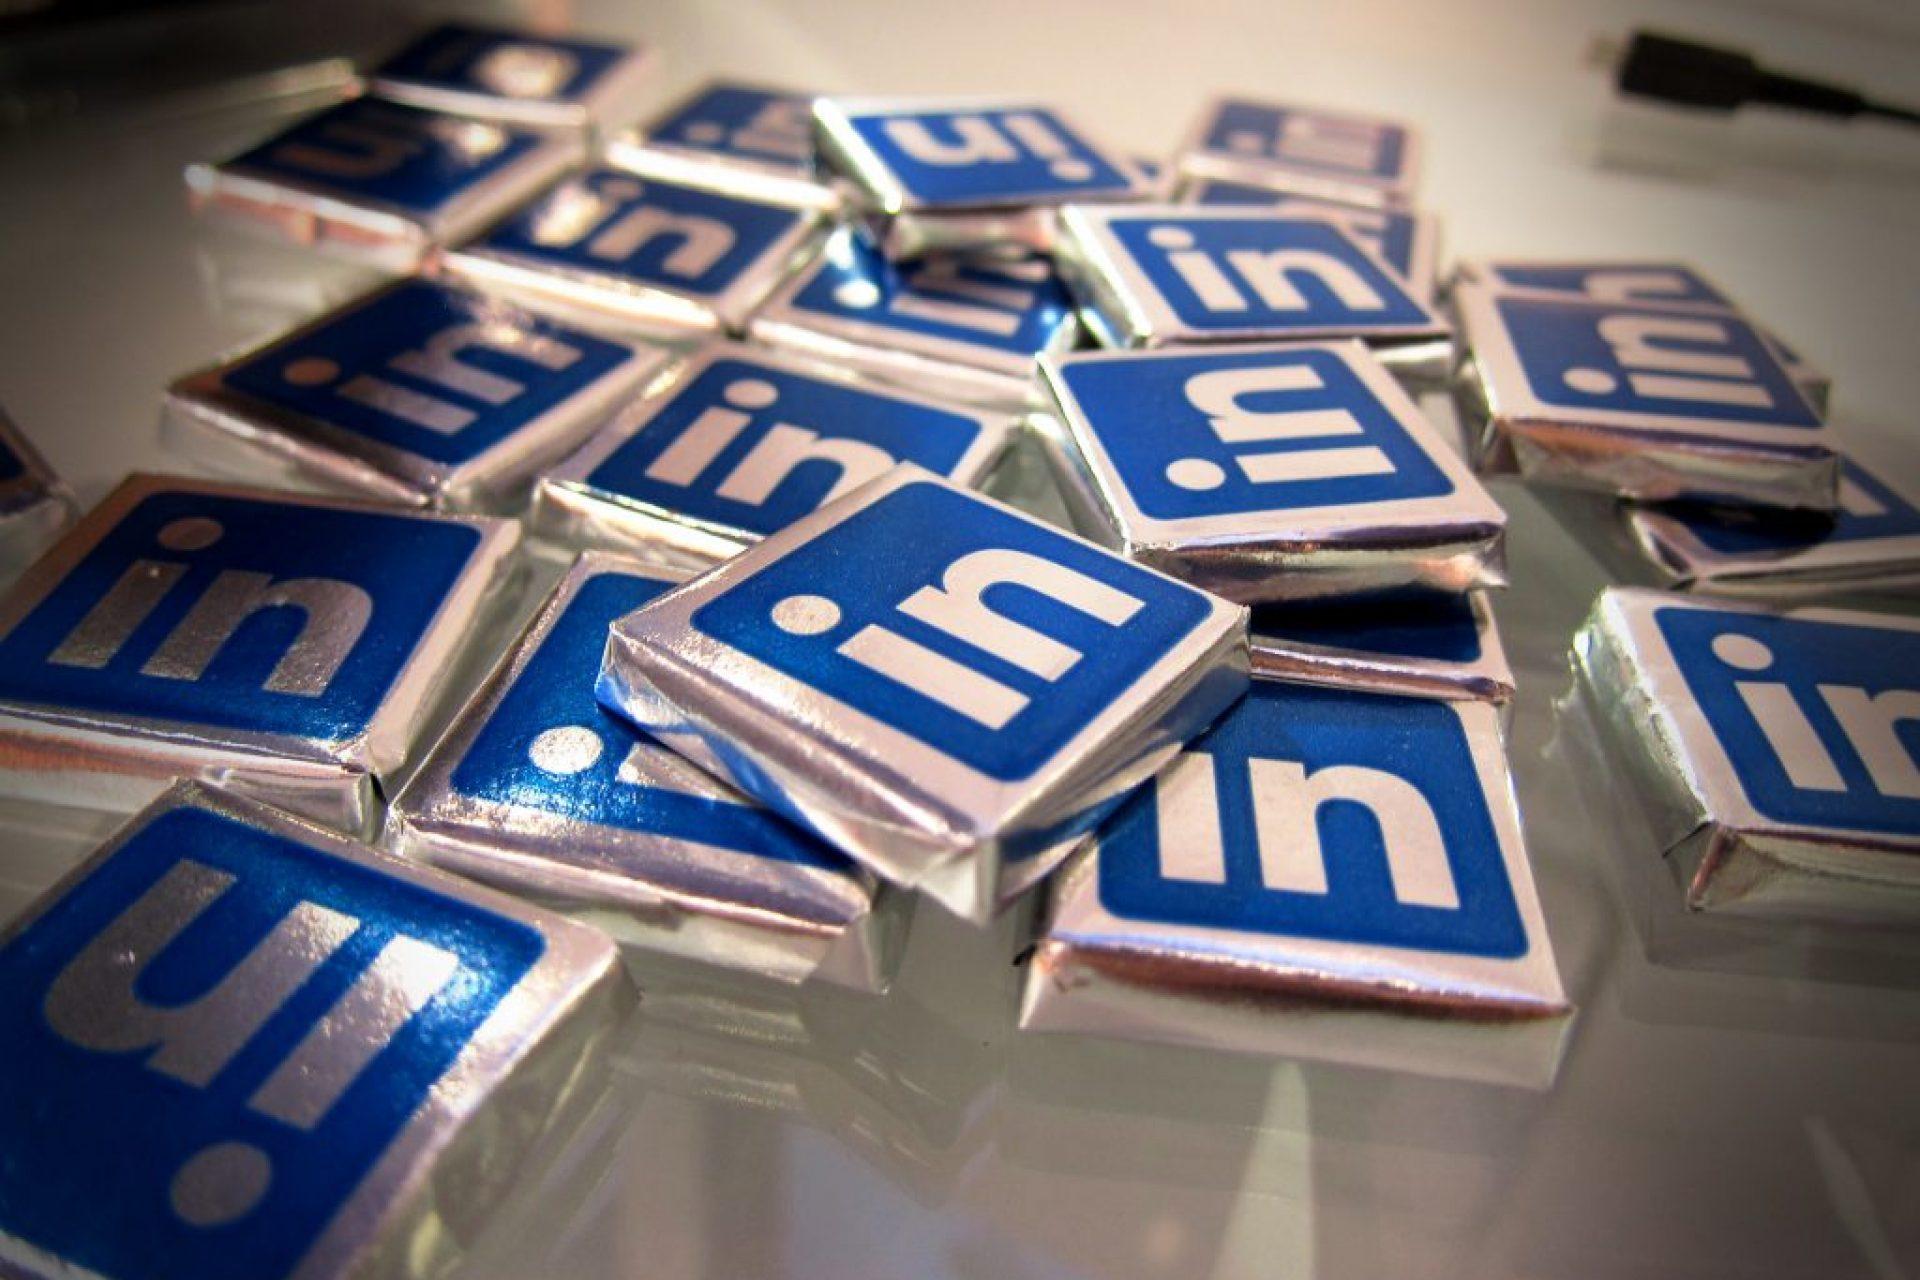 Erneut hunderte Millionen LinkedIn Benutzerdaten zum Verkauf angeboten